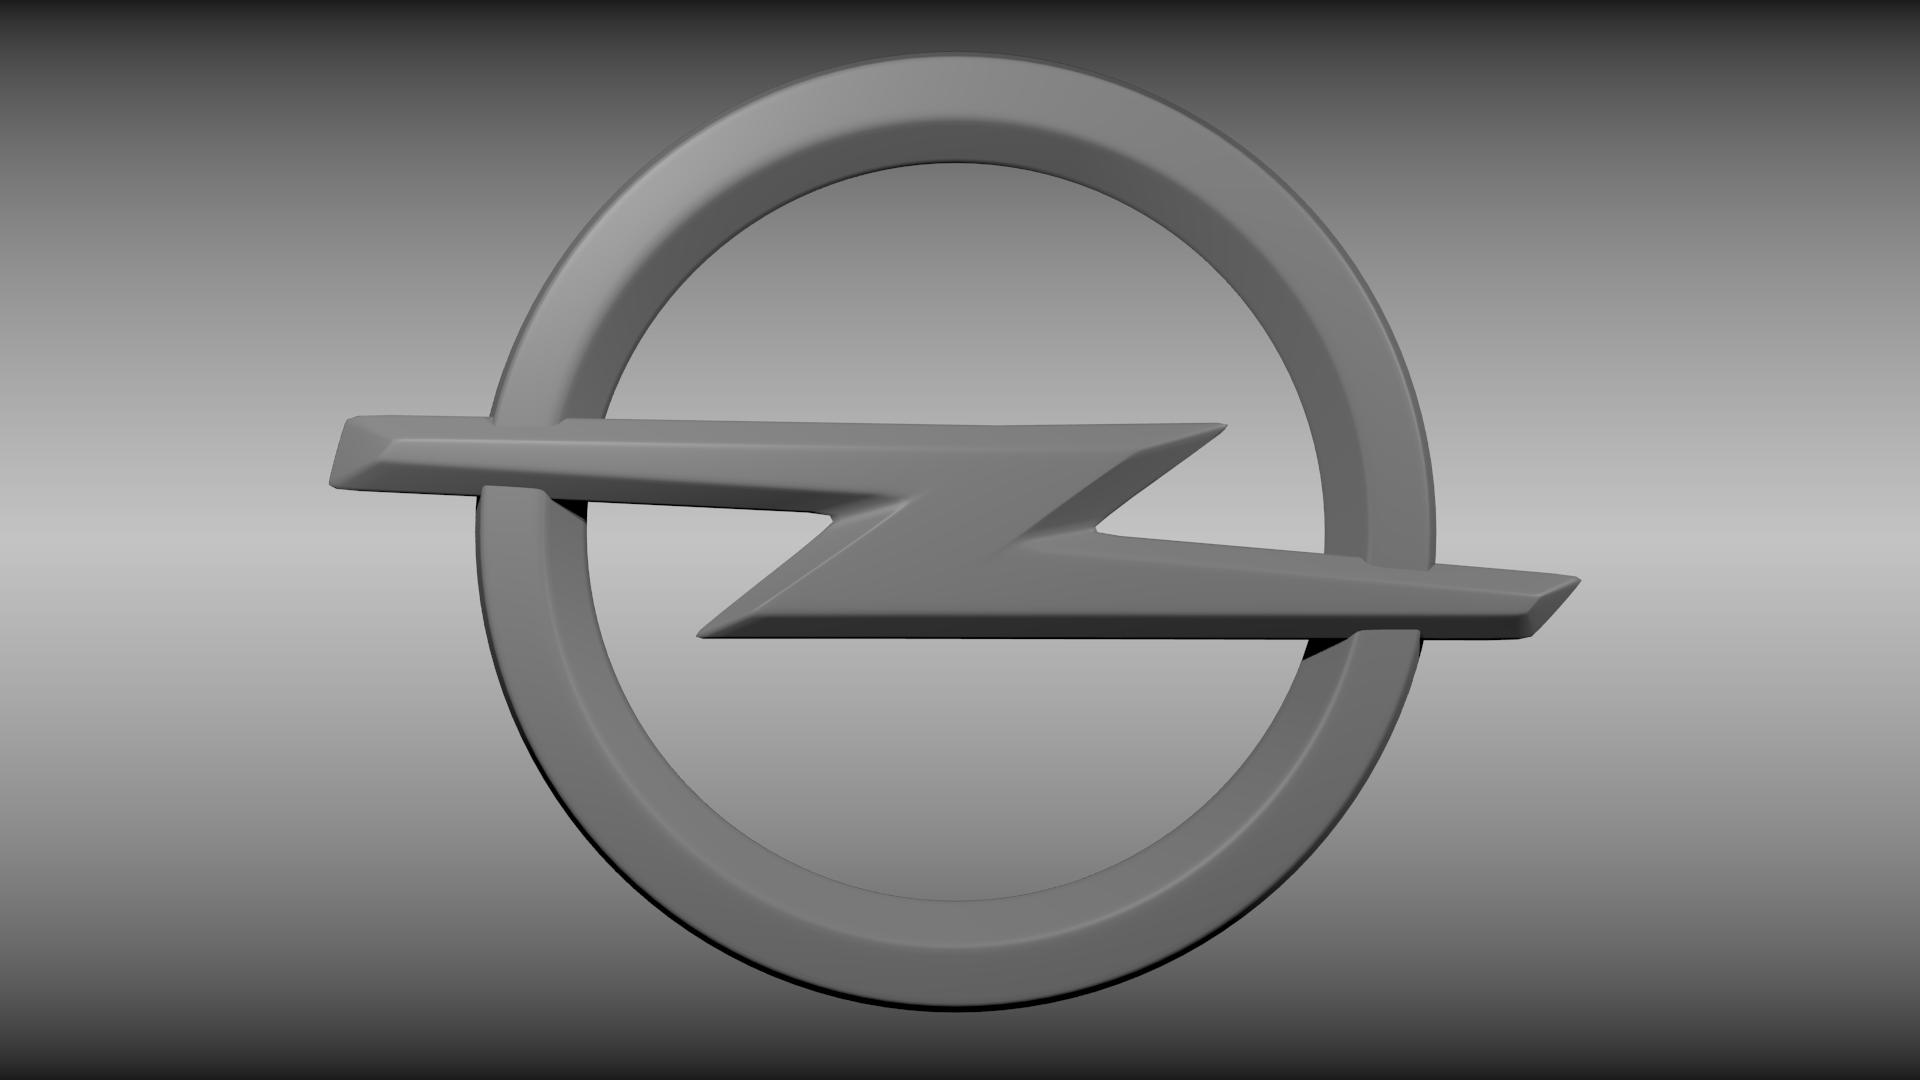 hight resolution of opel logo 3d model